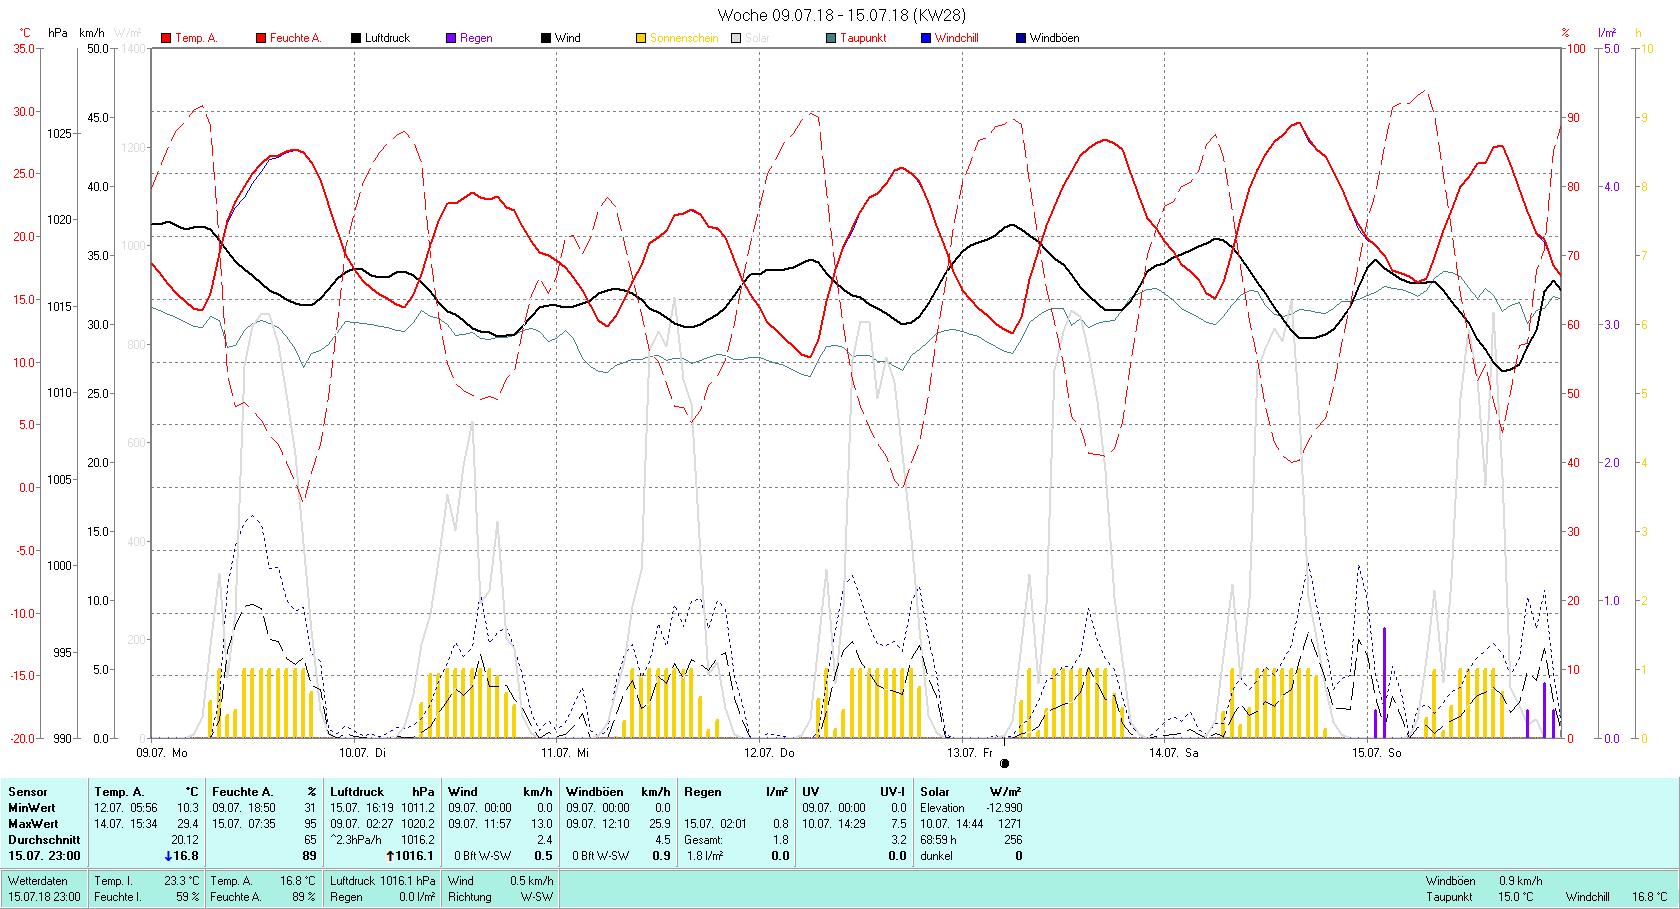 KW 28 Tmin 10.3°C, Tmax 29.4°C, Sonne 68:59 h Niederschlag 1.8 mm2